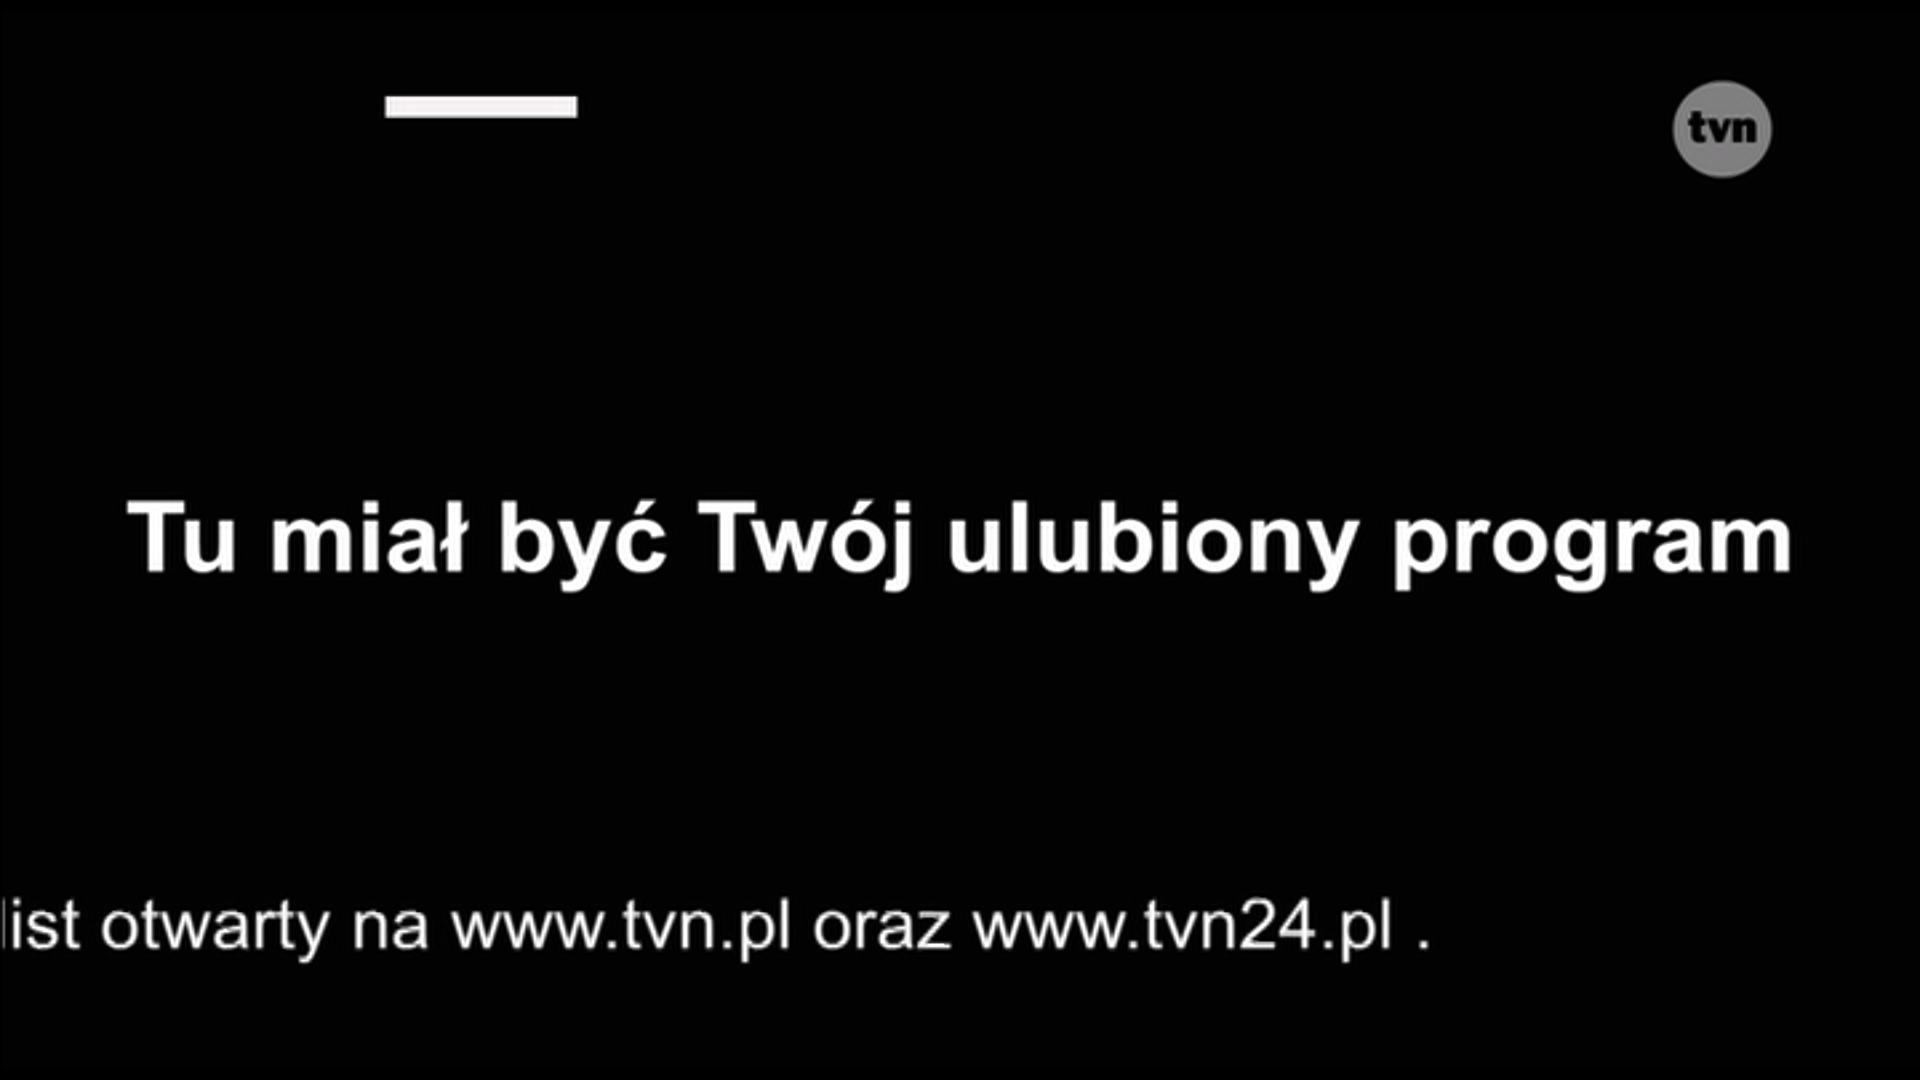 Plansza TVN.